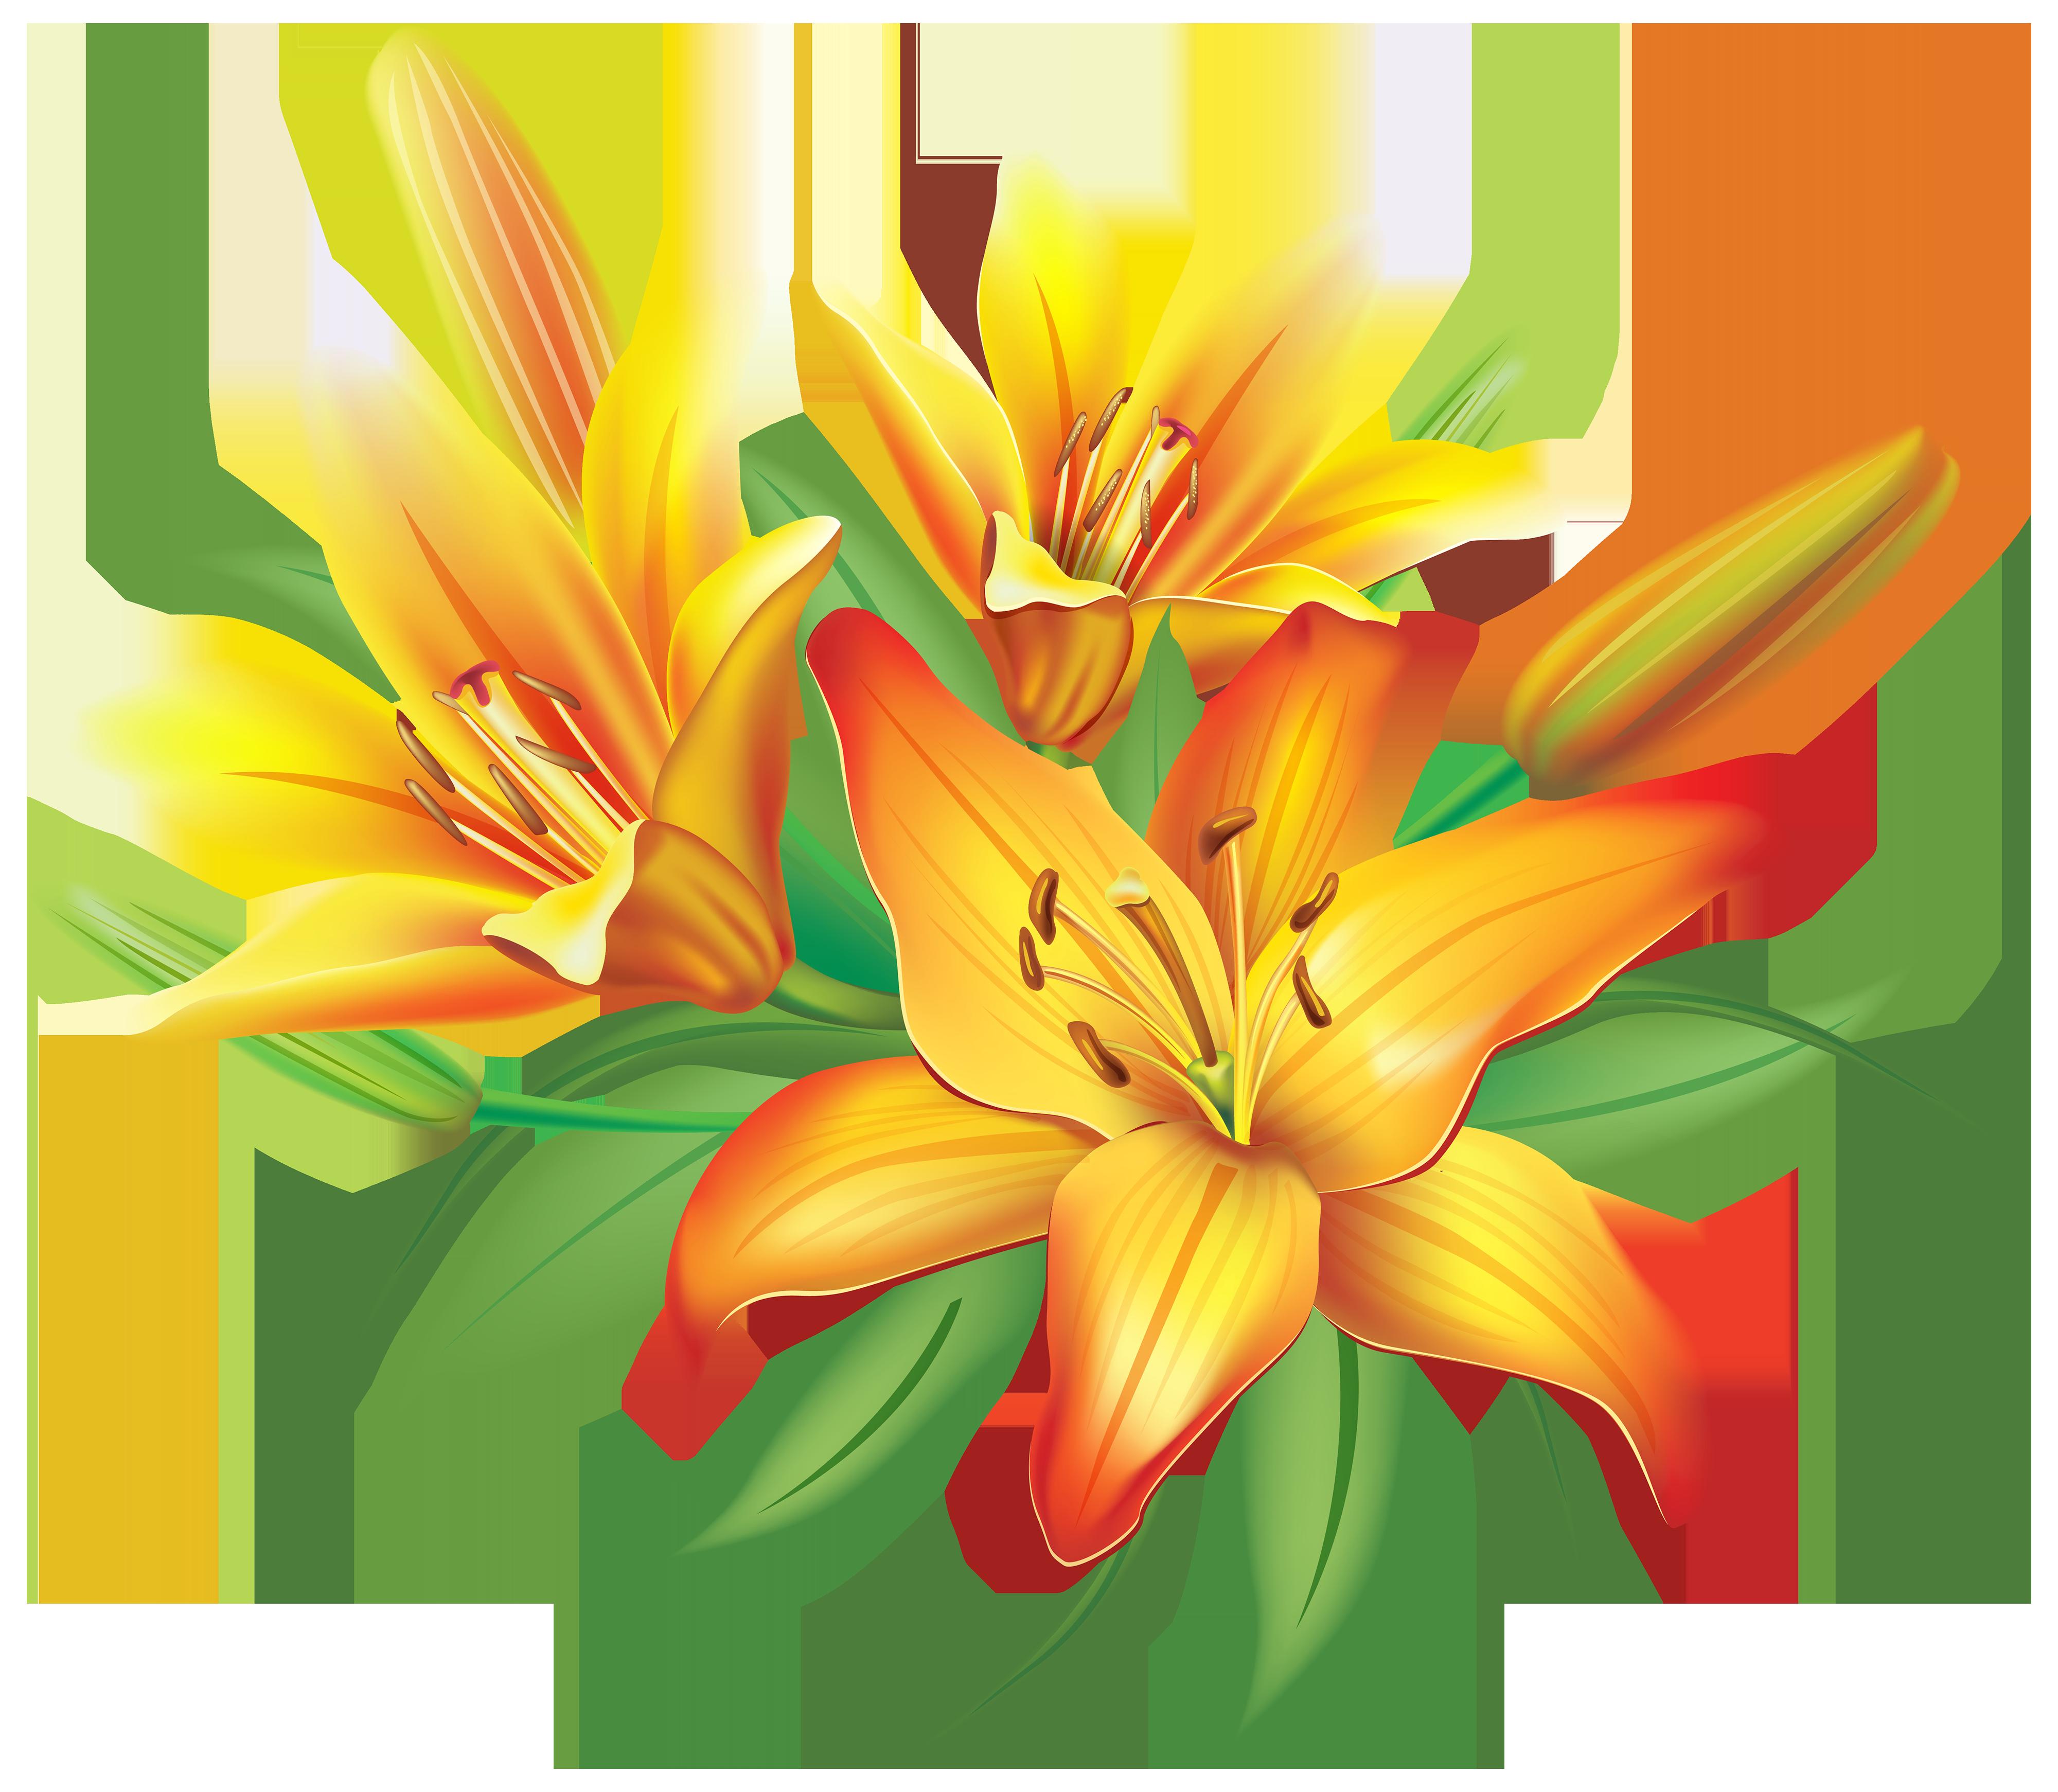 Clipart yellow flower pumpkin svg transparent Orange lily clipart - Clipground svg transparent